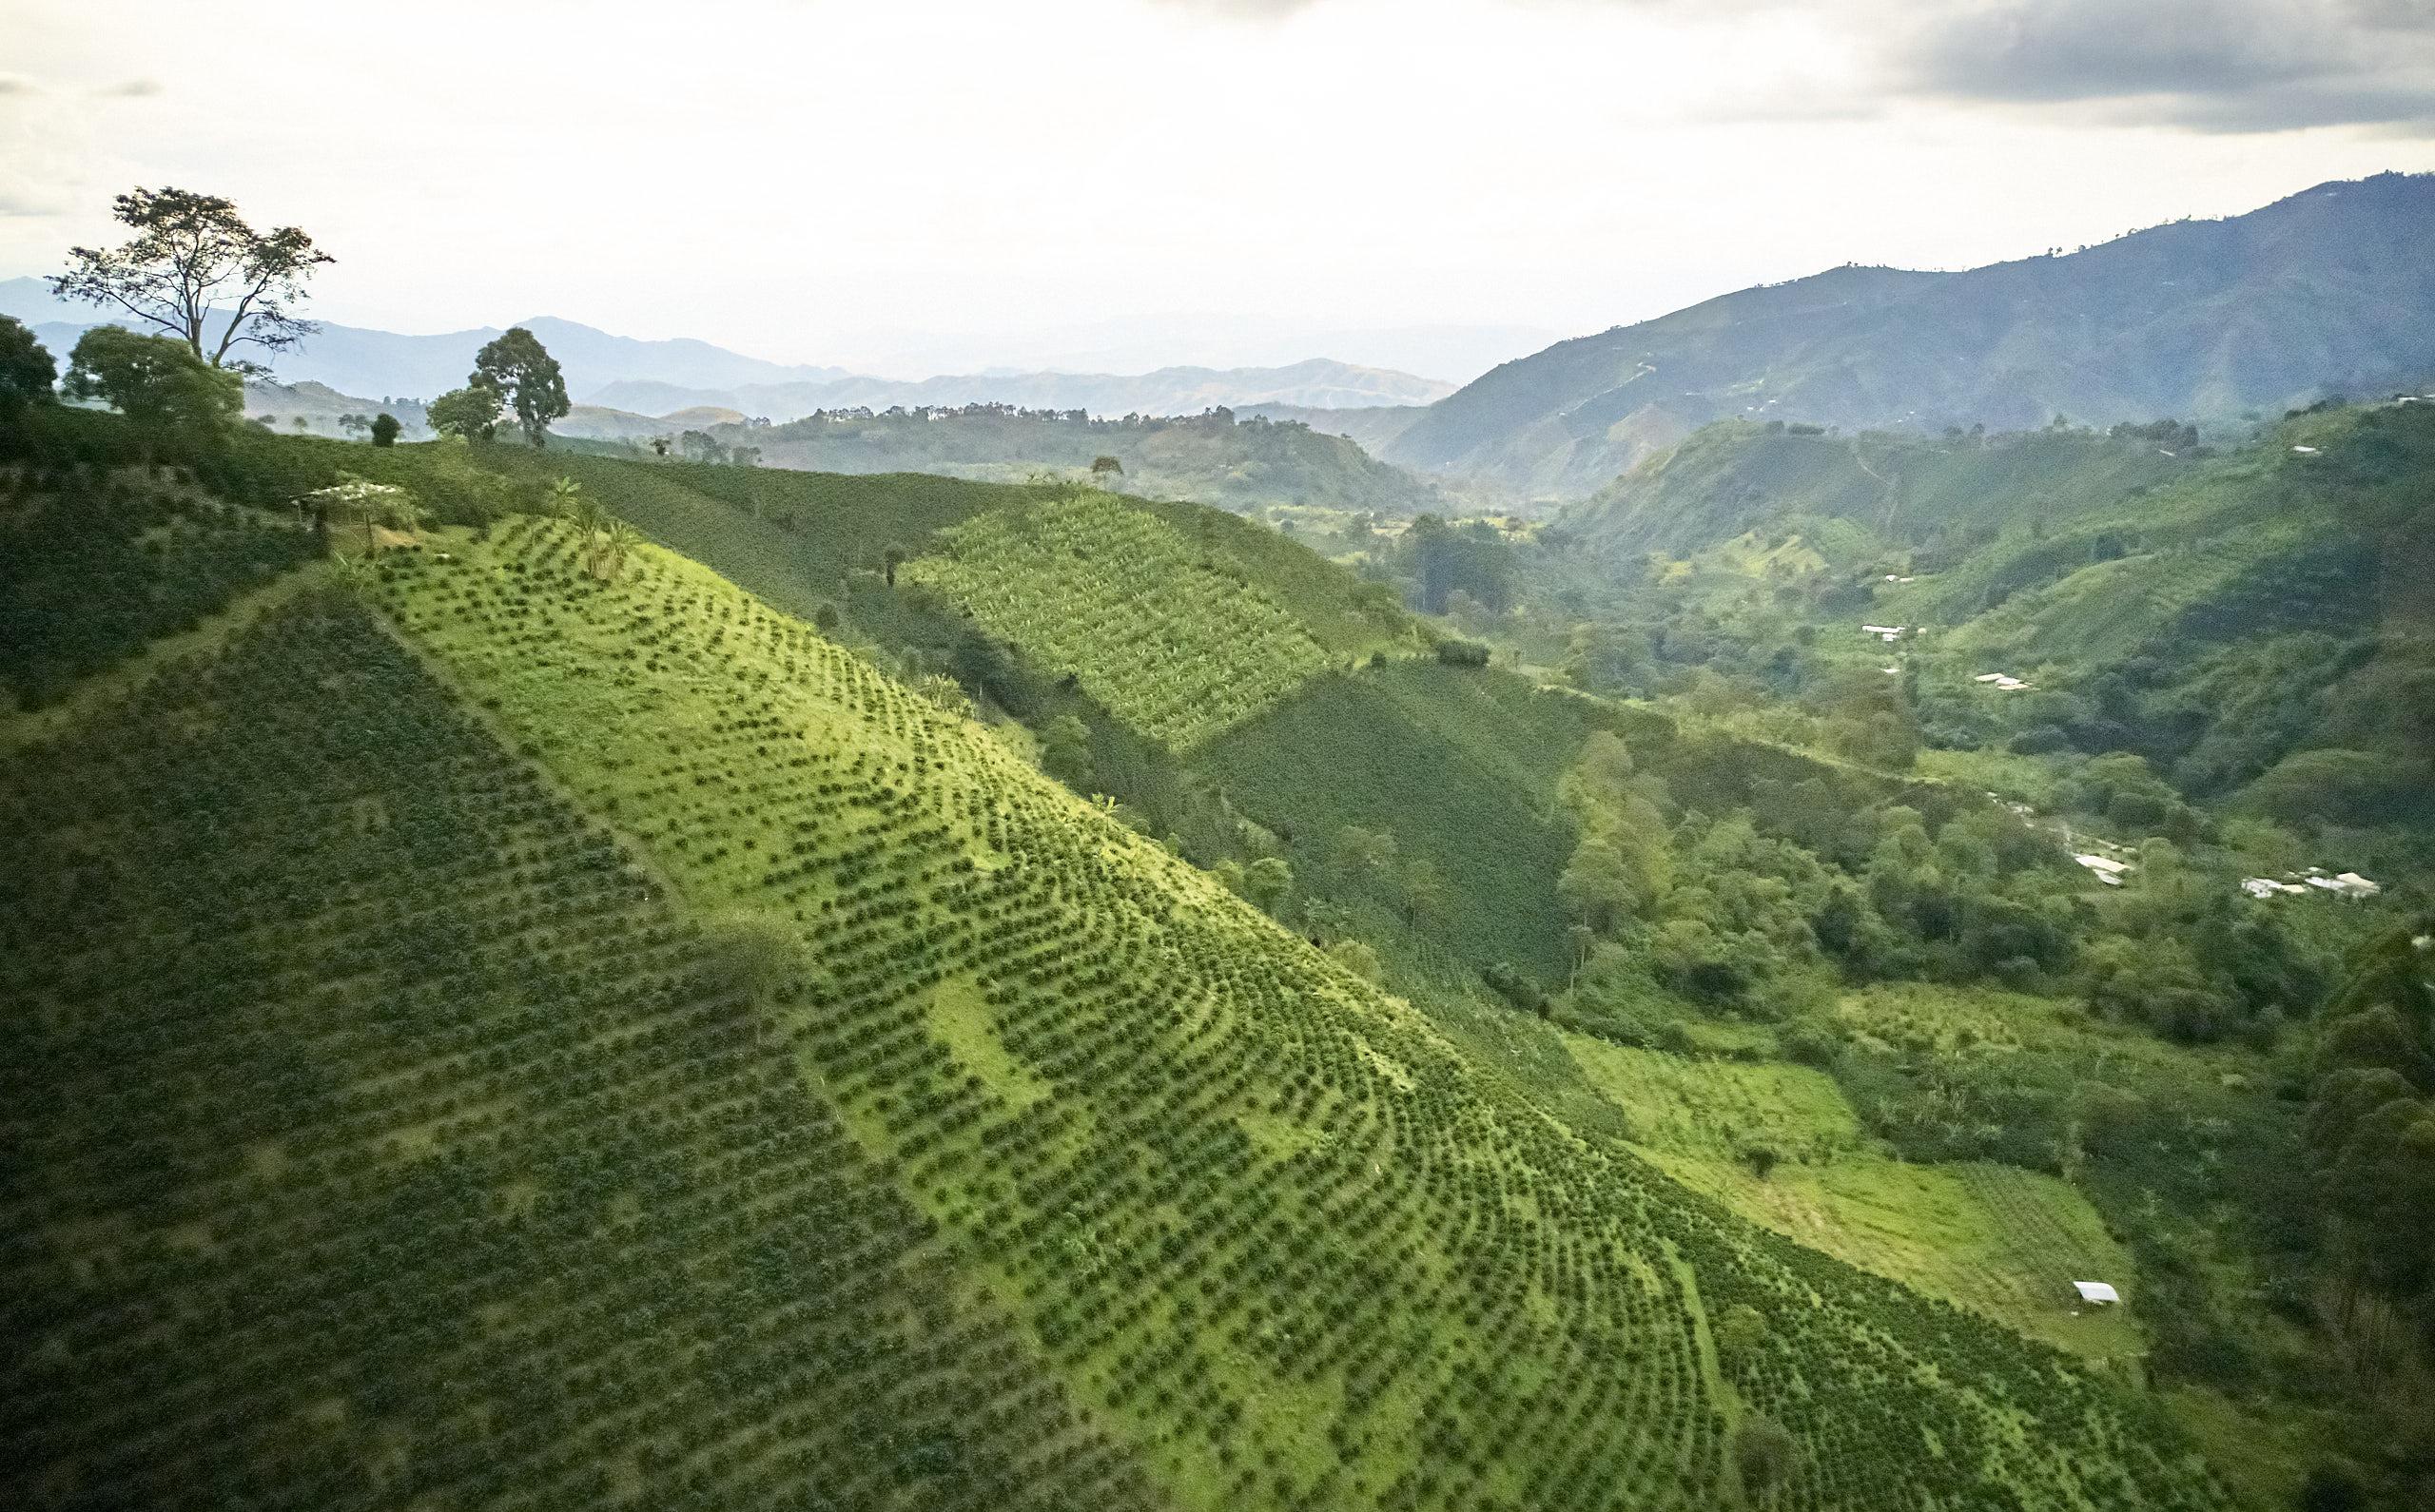 I bjerglandskabet trives kaffetræerne